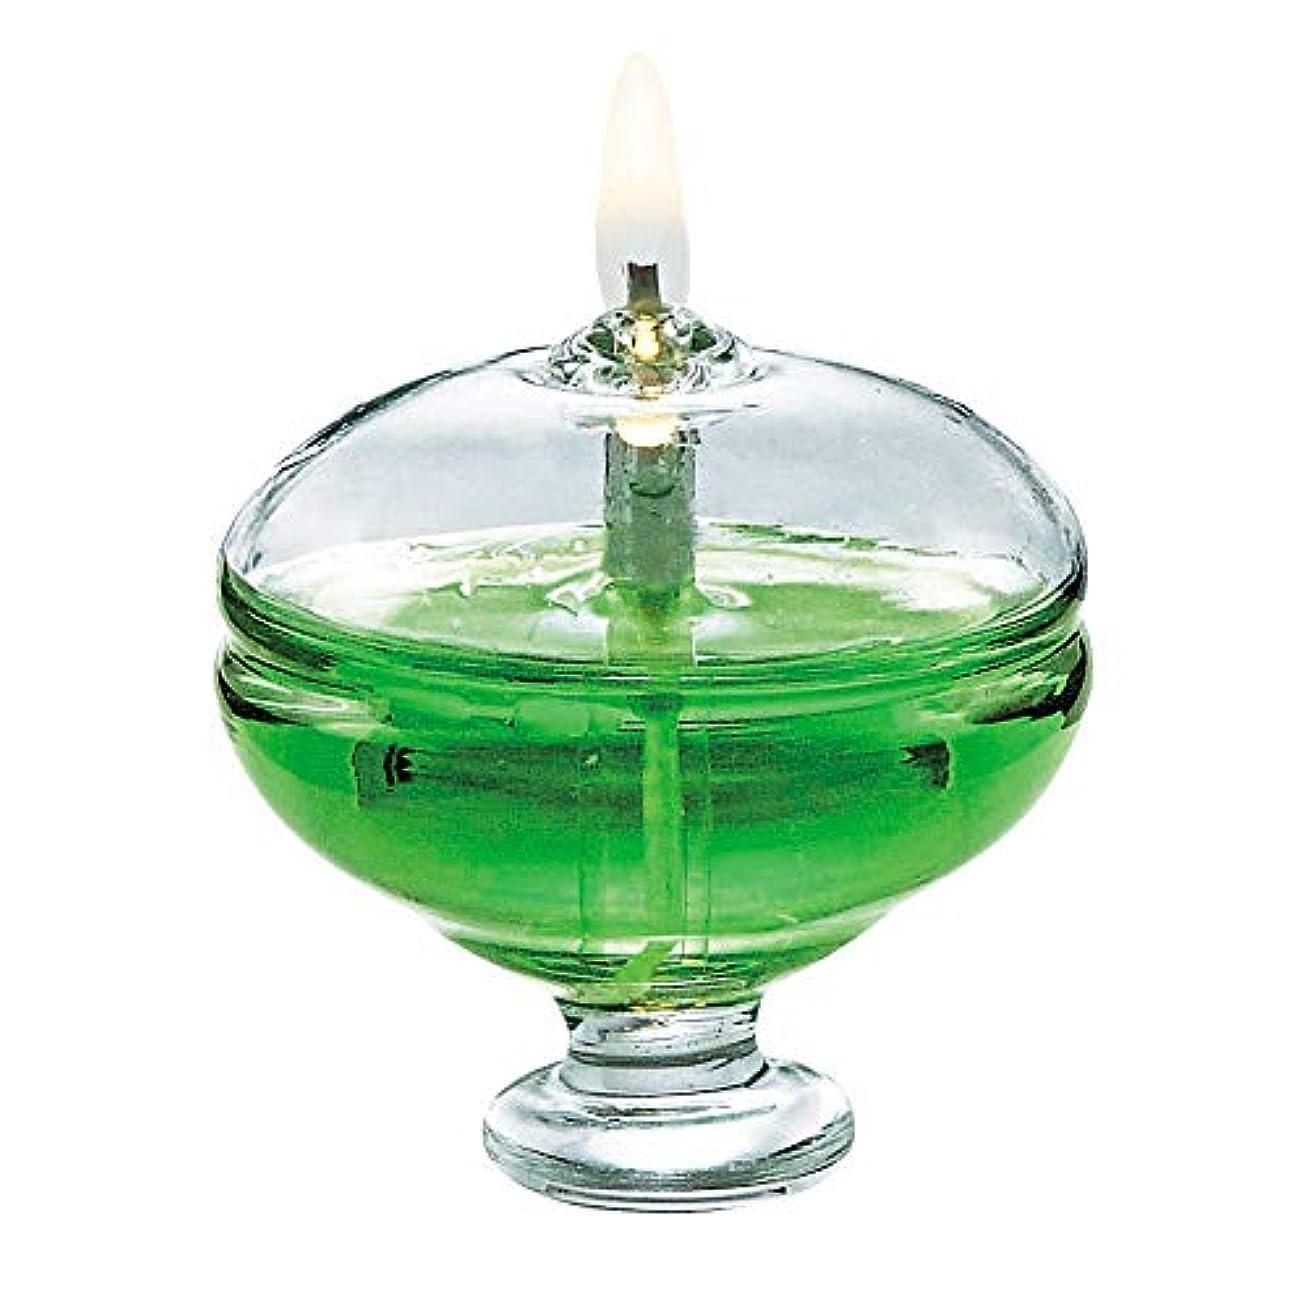 シャンパン近代化する製油所フロート オイルランプ S OLC-F10/62-6698-18